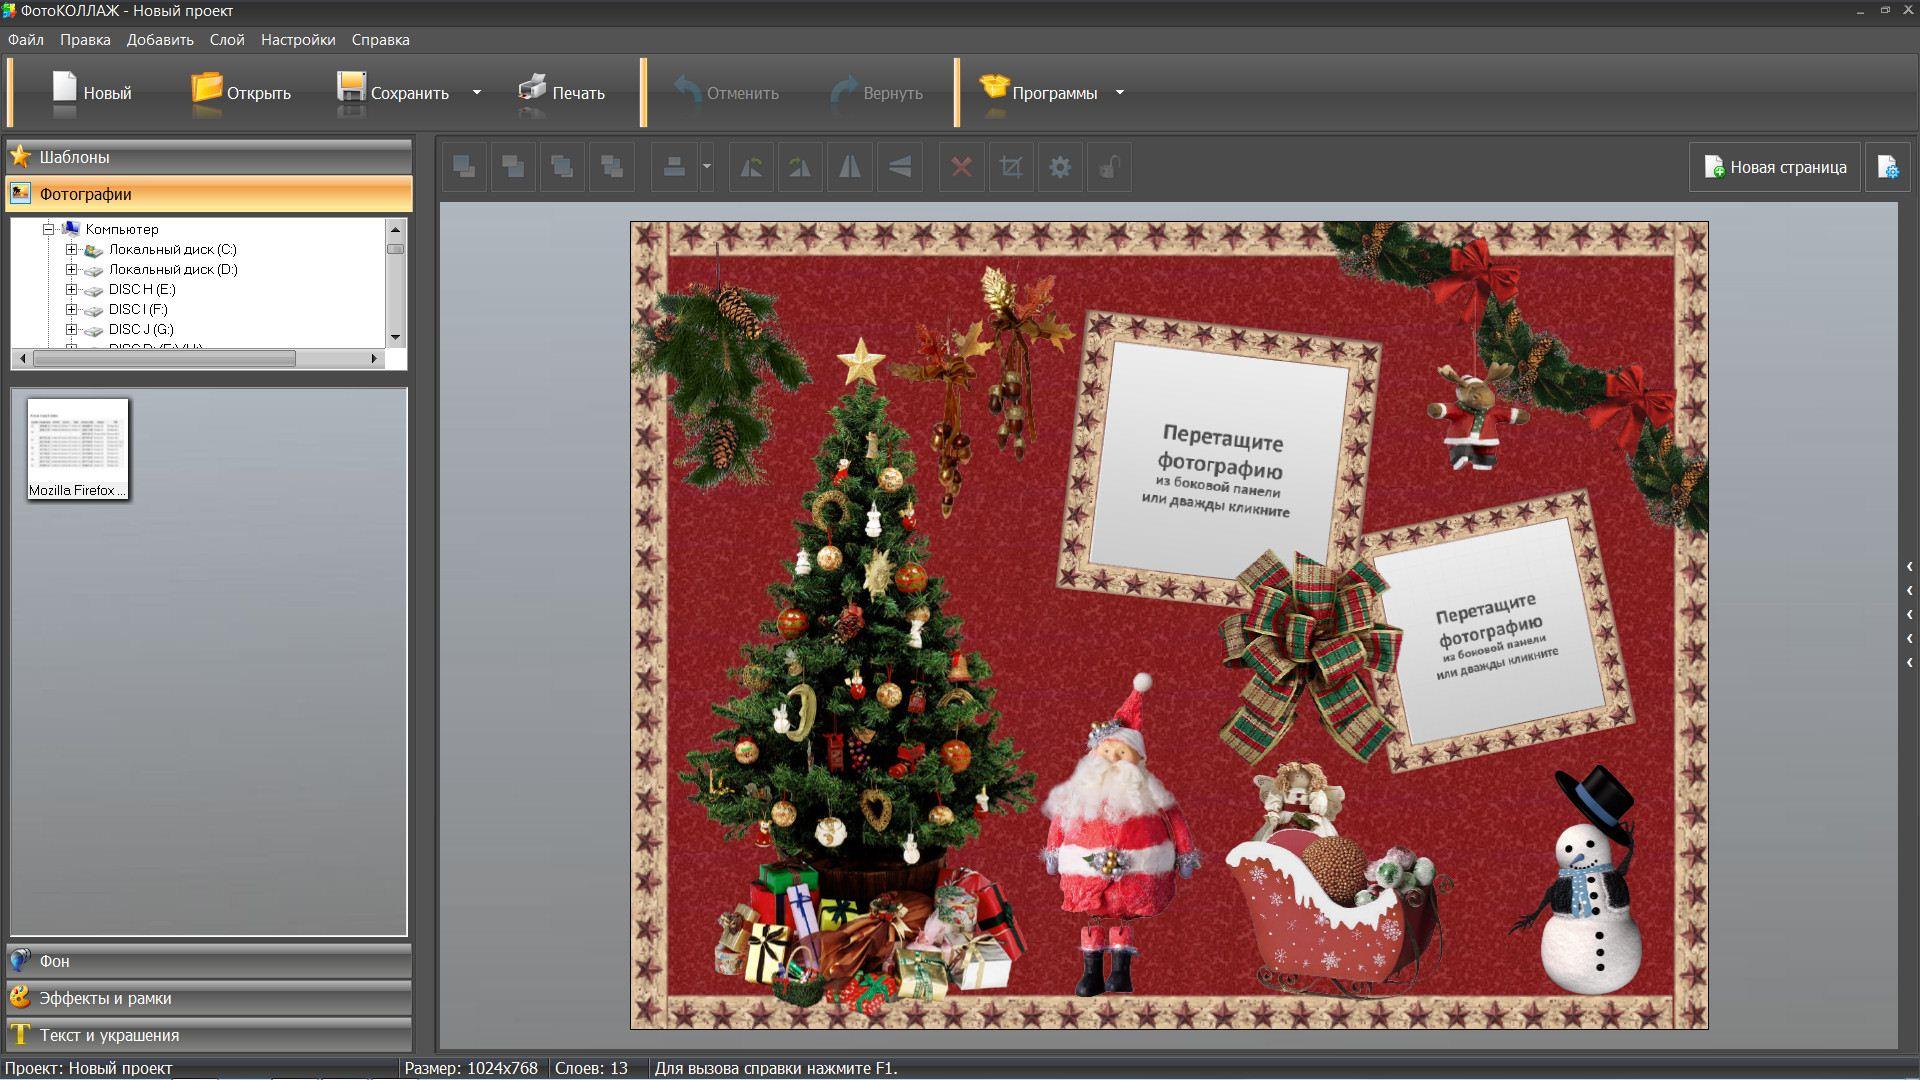 Скачать бесплатно программу фото коллажа скачать бесплатно программу фотостейдж